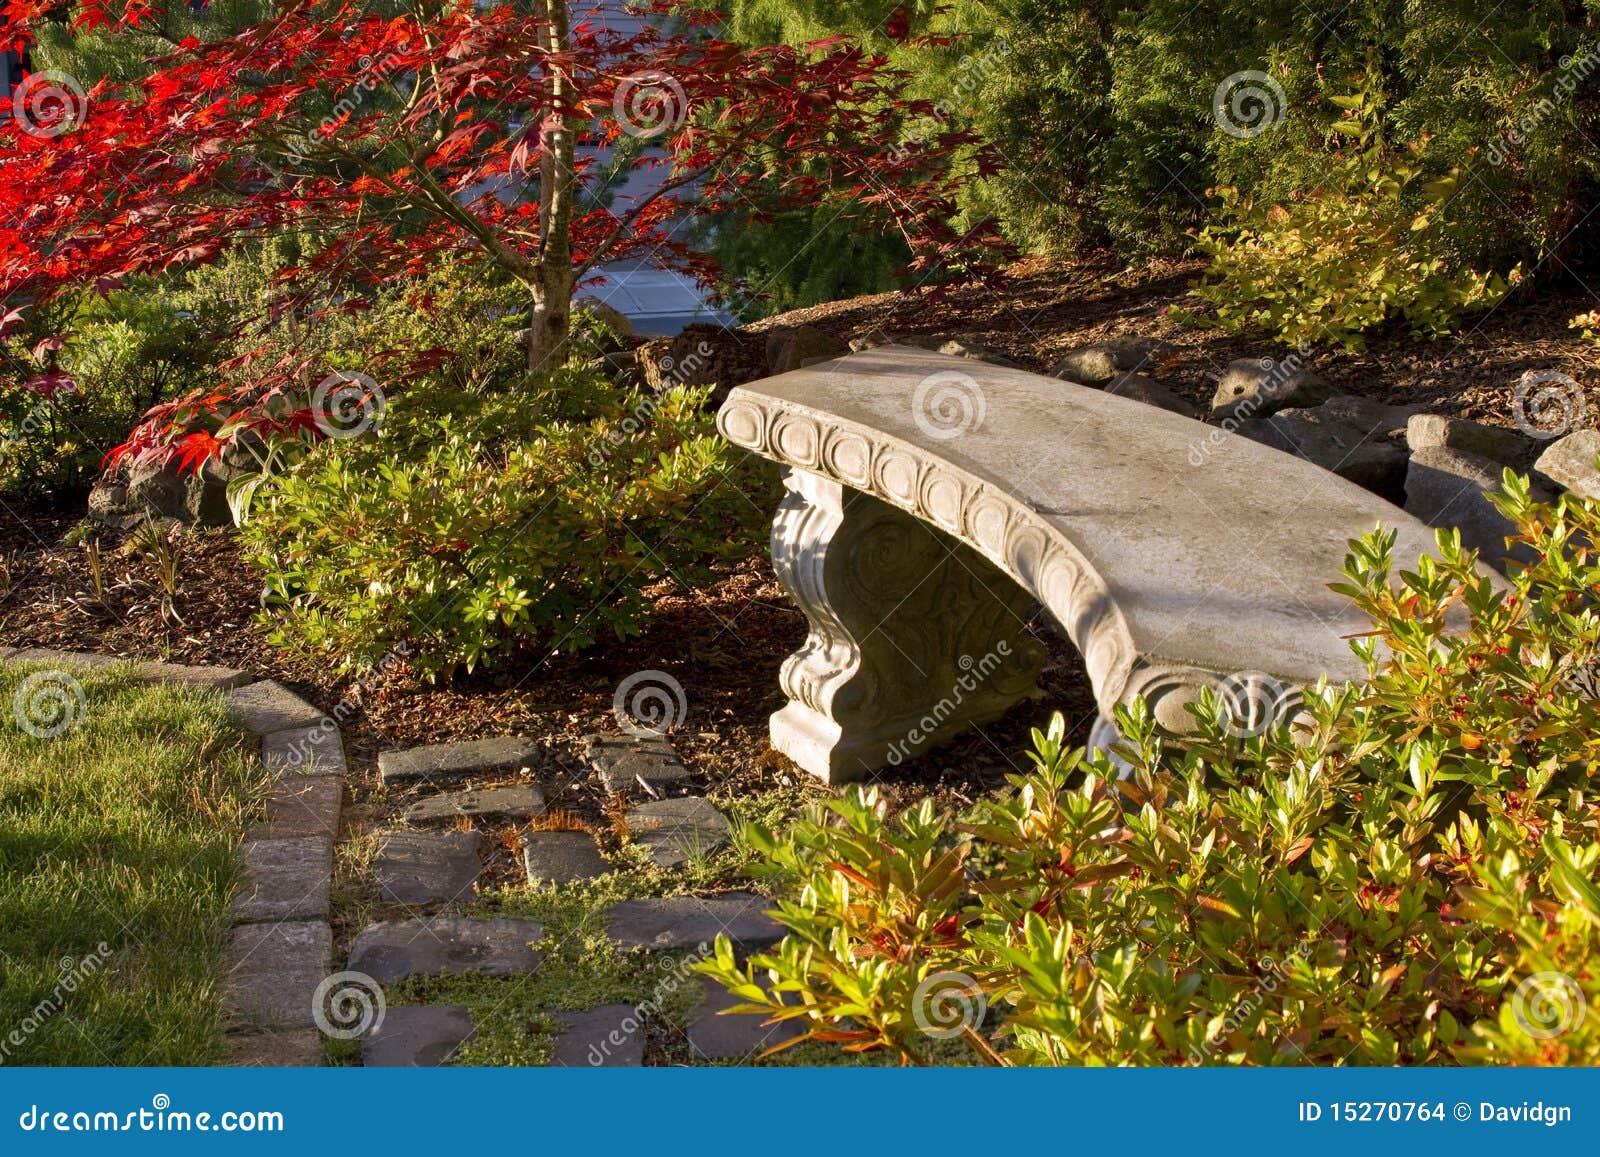 banco de concreto para jardim em jundiai : banco de concreto para jardim em jundiai:Banco concreto do jardim em Cobblestones com árvores e arbustos.